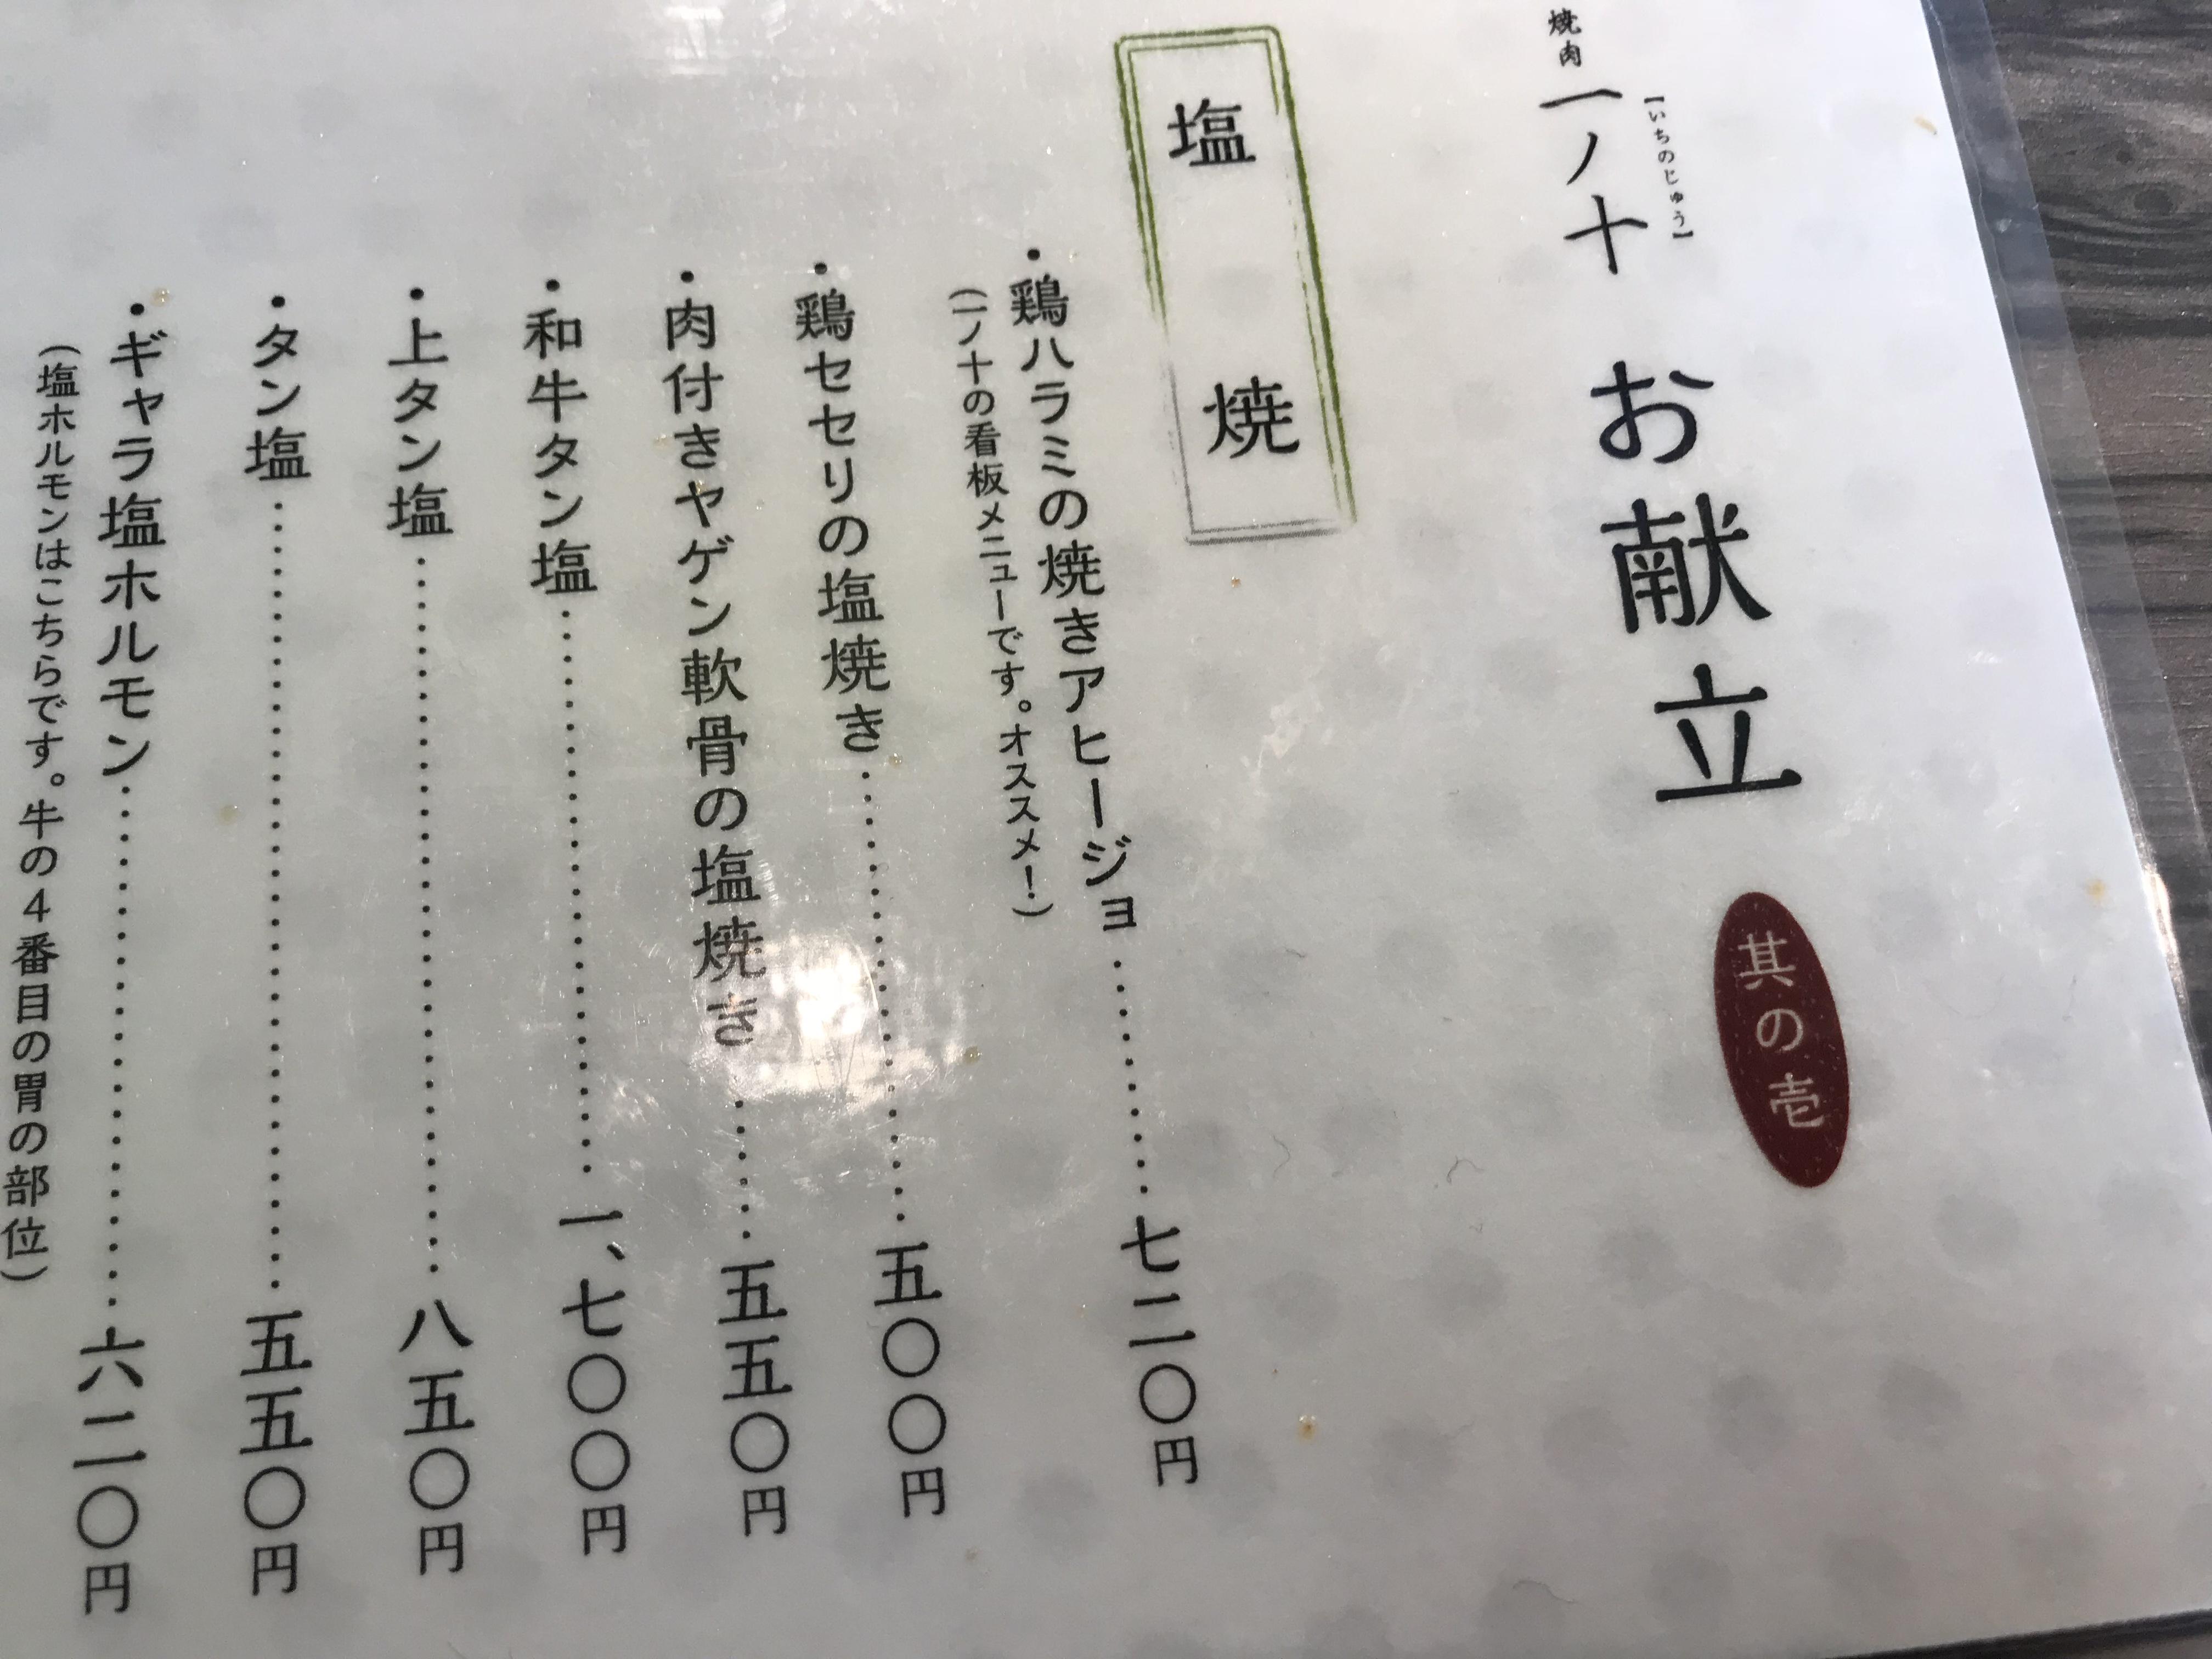 メニューでおすすめされていた鶏ハラミの焼きアヒージョ